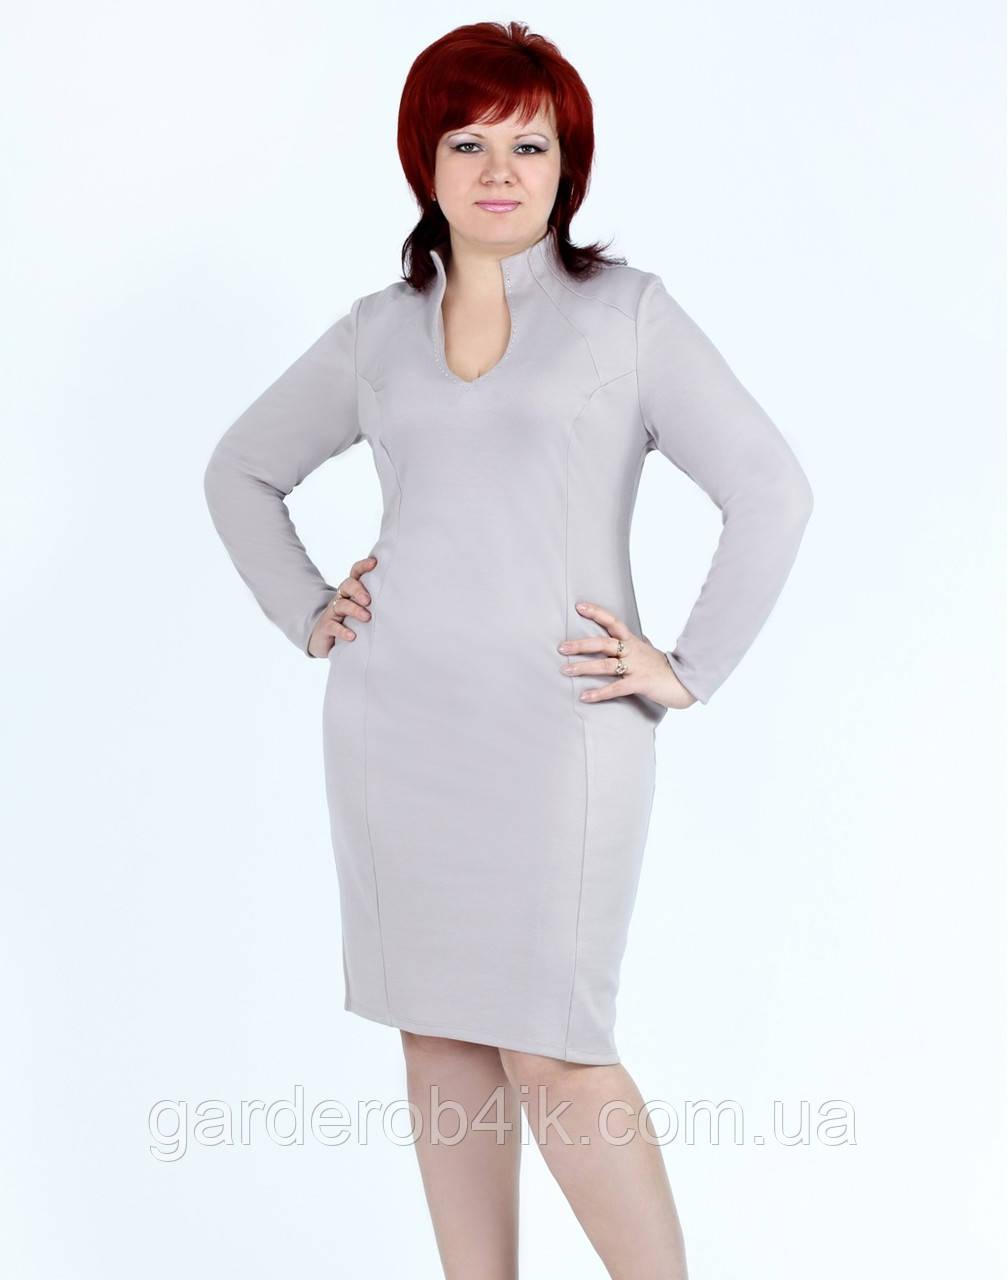 Стильное женское платье серое